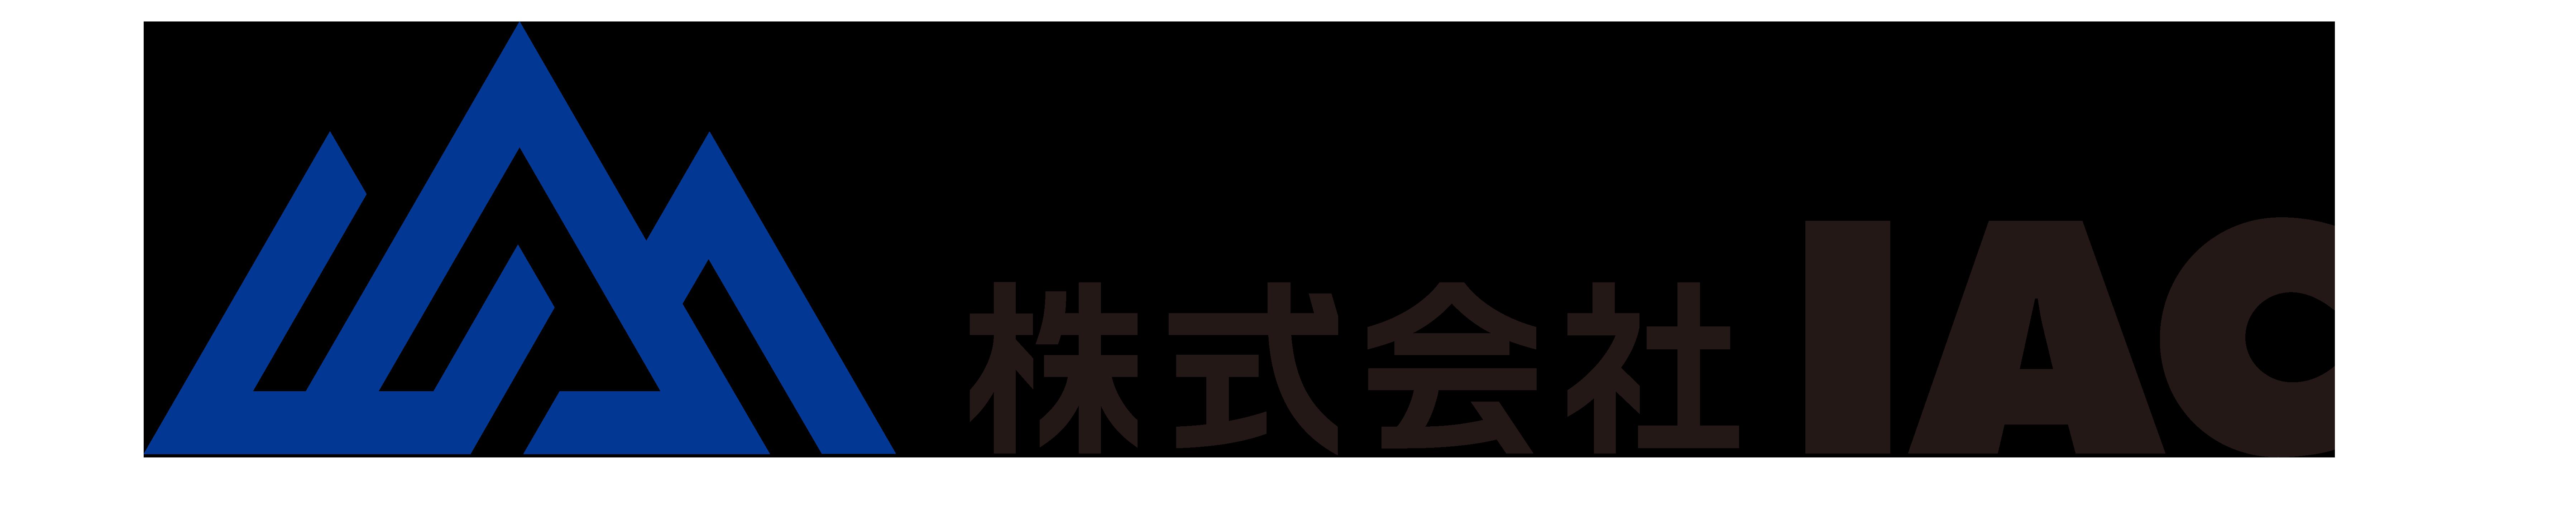 株式会社IACコーポレートサイト